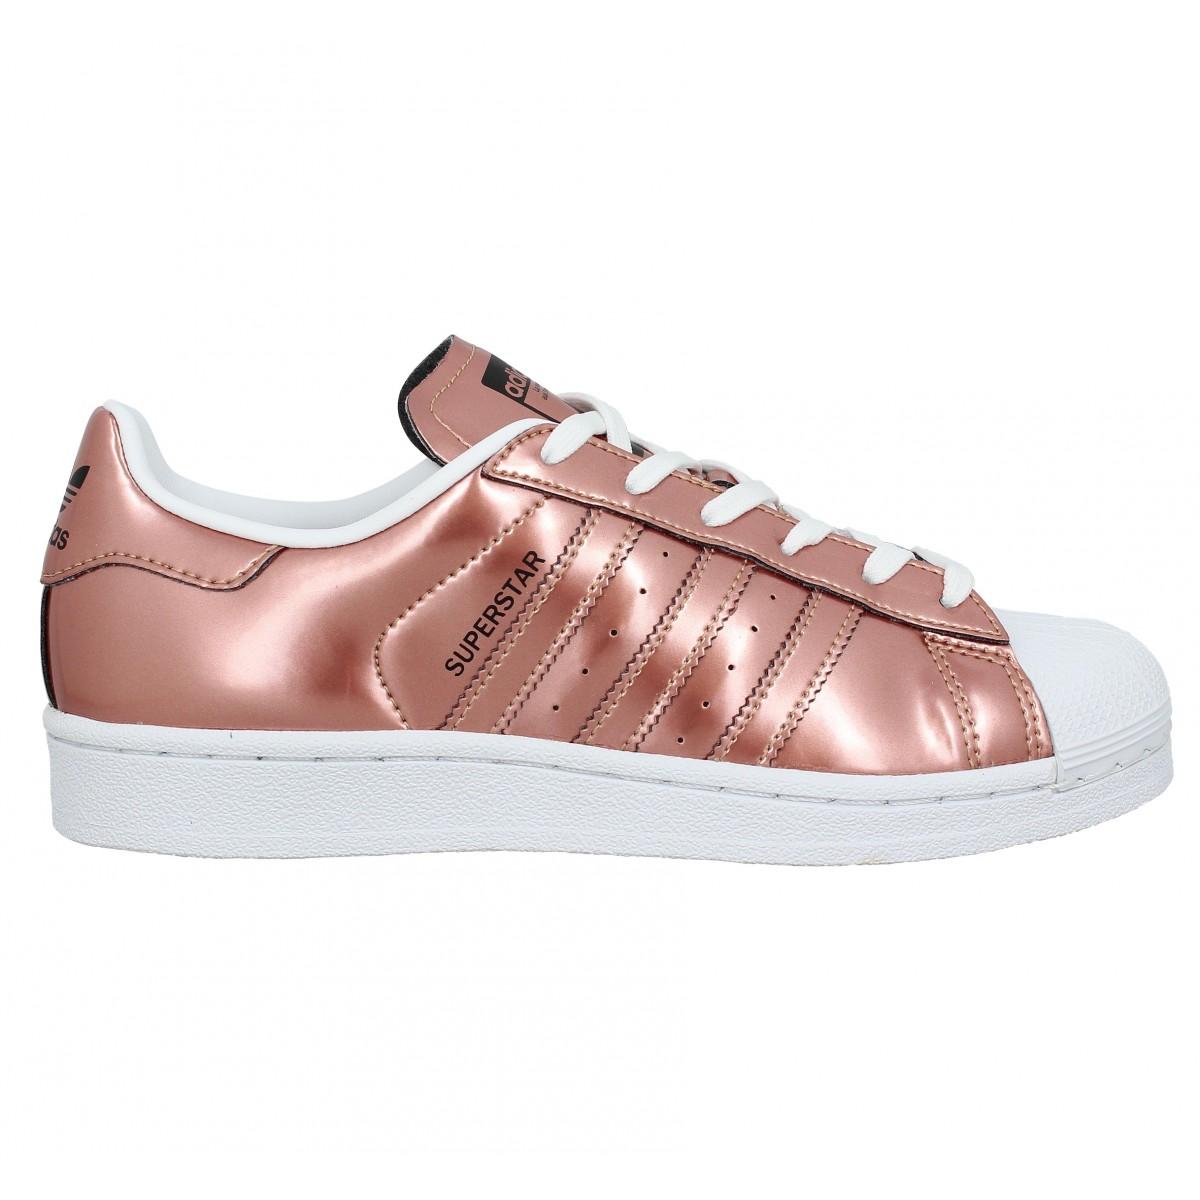 adidas femme superstars rose gold